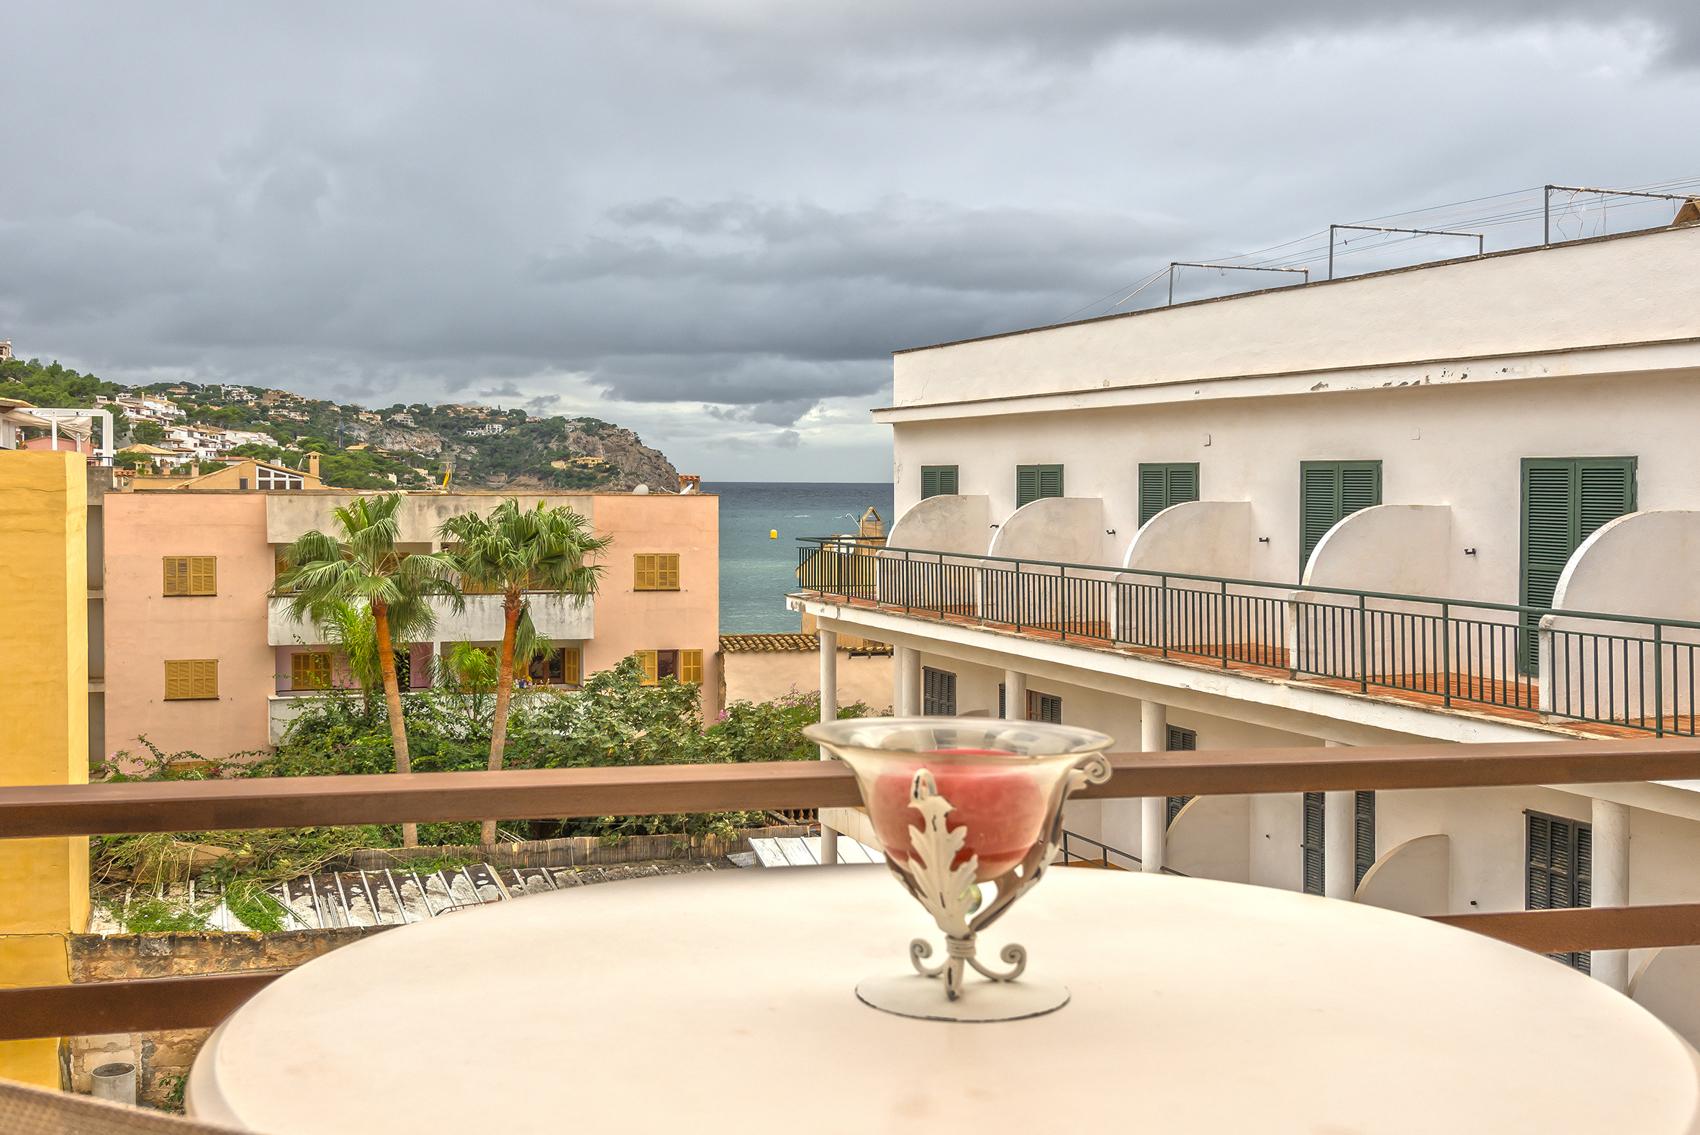 Balkon mit Meerblick in Mallorca